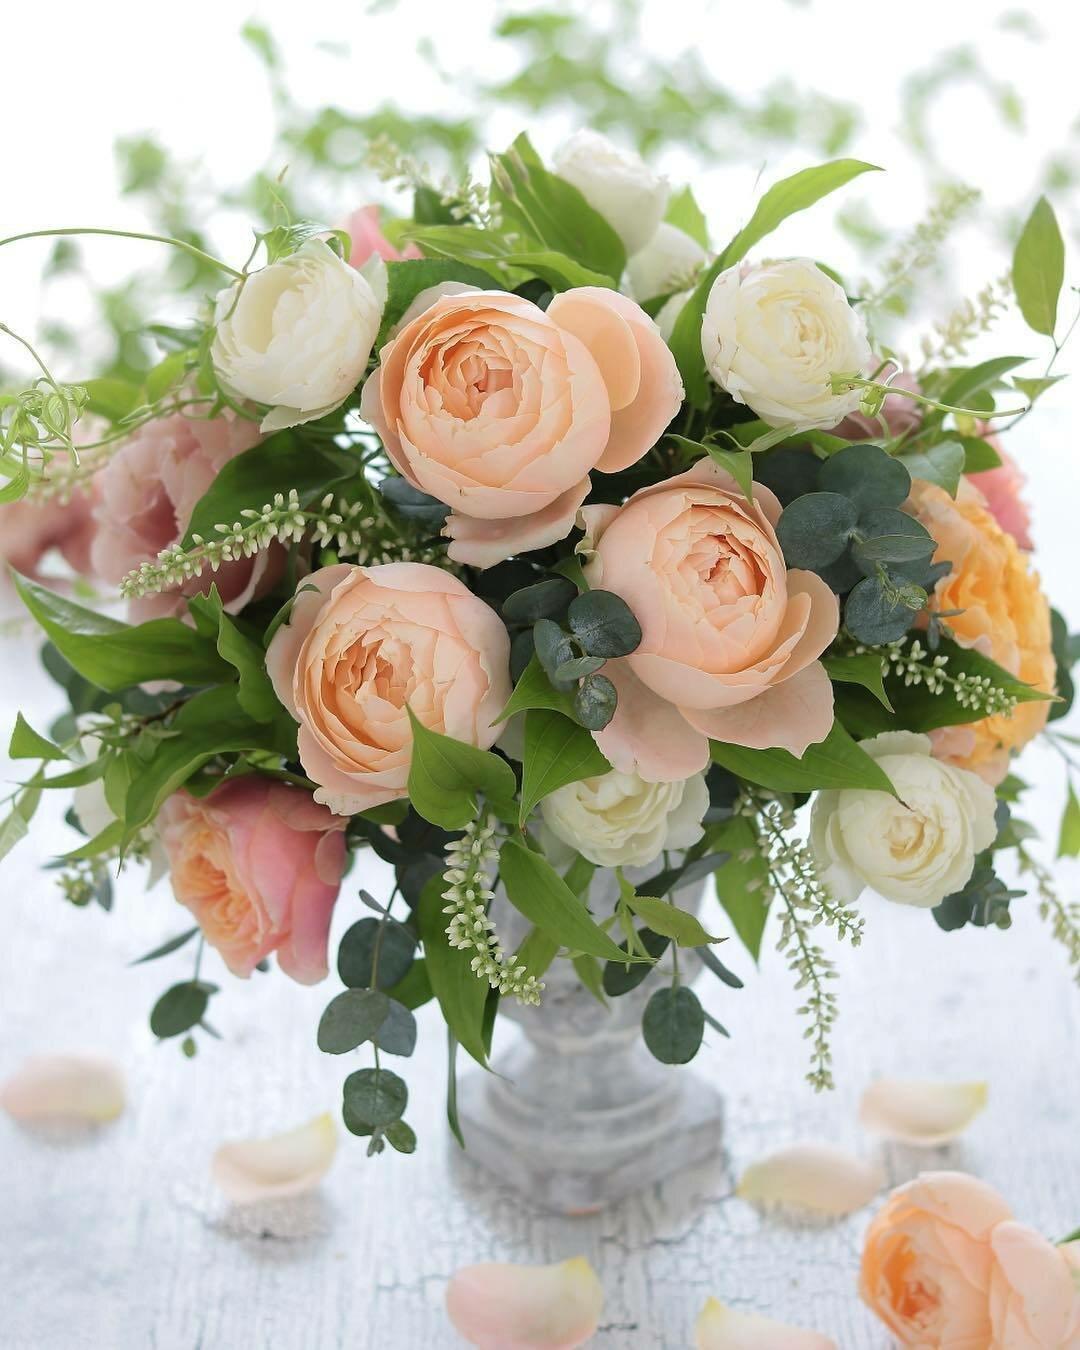 Фото поздравление цветы